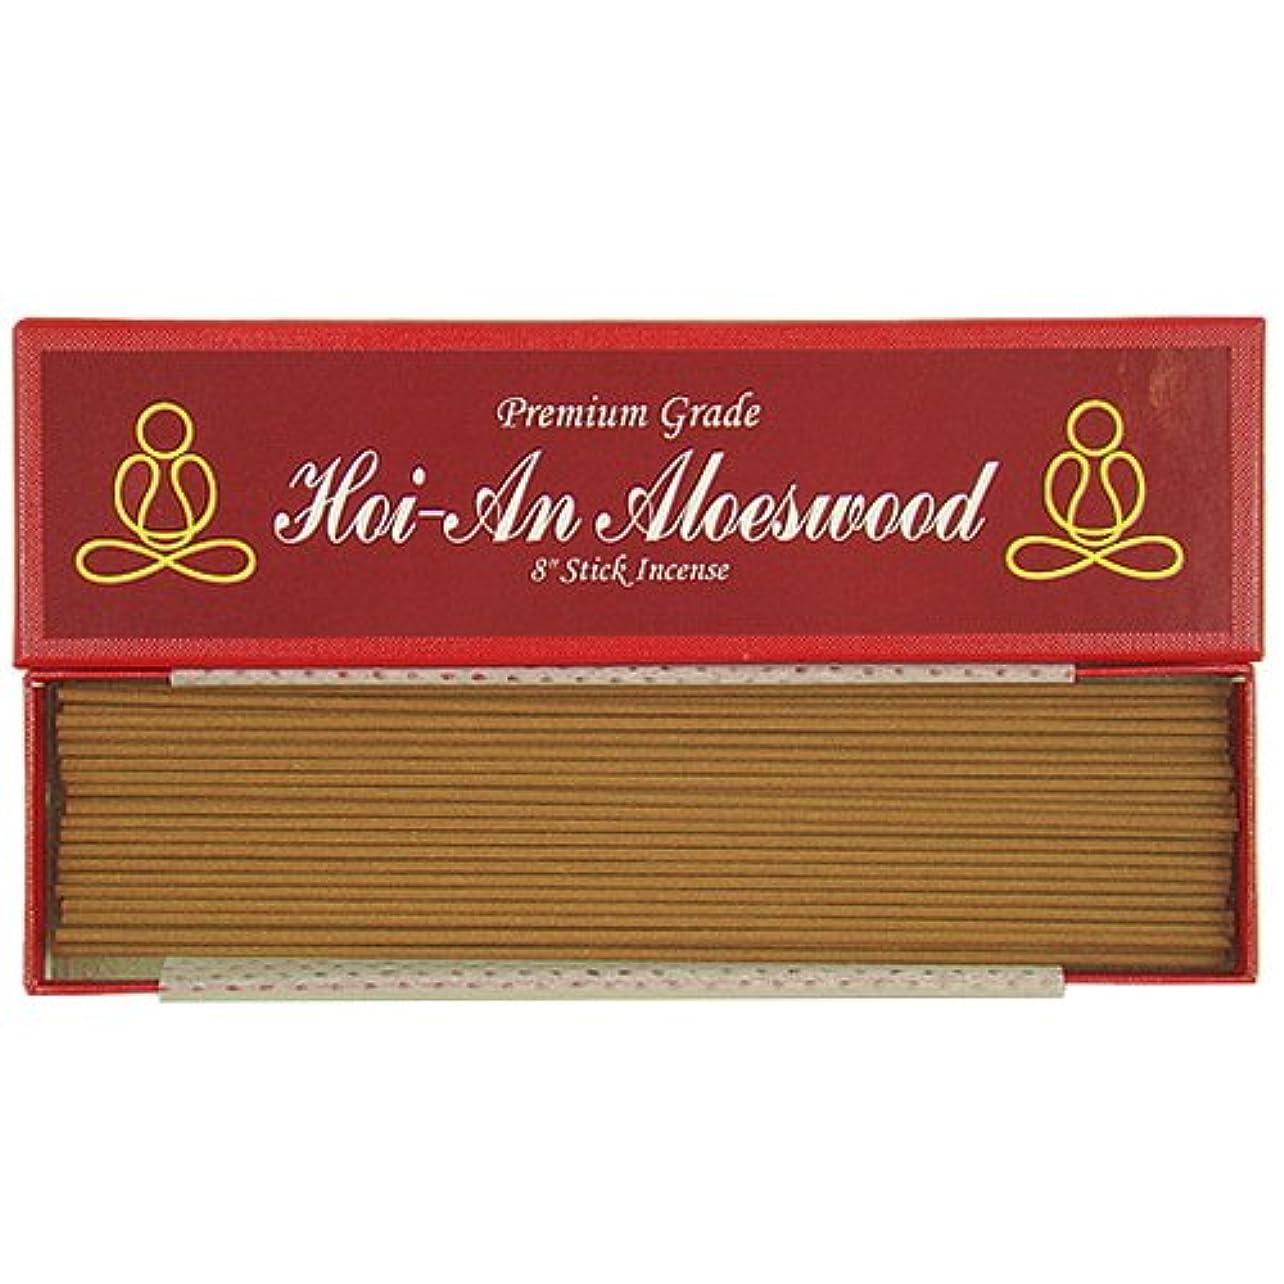 脳枕たとえプレミアムVietnamese hoi-an Aloeswood – 8 Inches Stick Incense – 100 % Natural – g054s